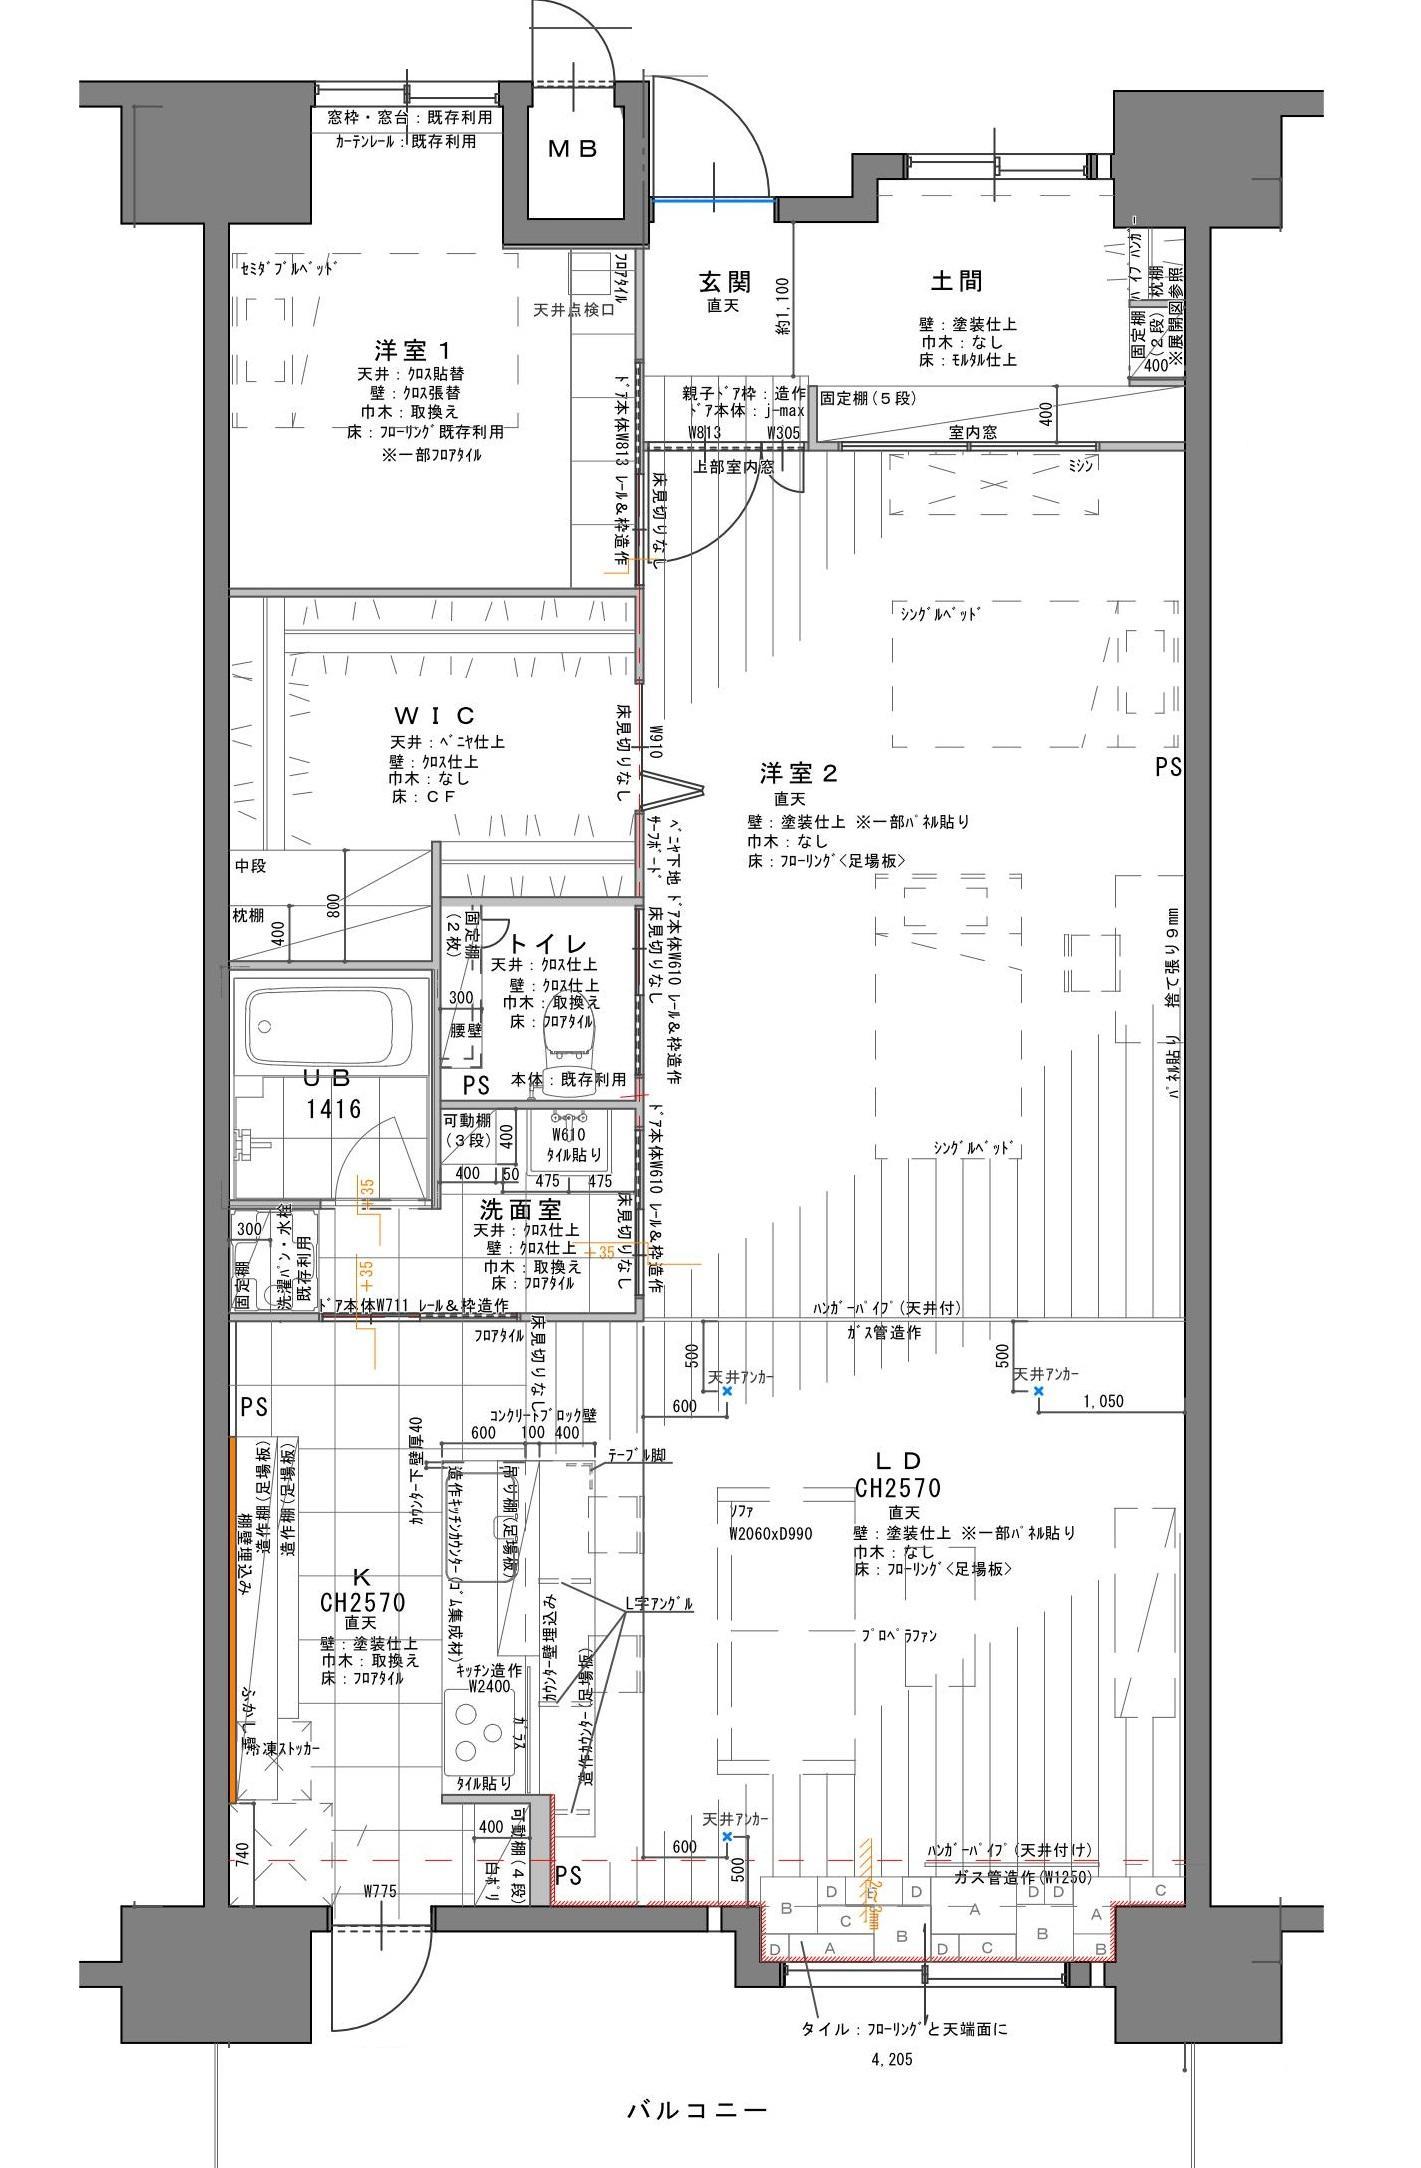 1ROOM仕立てのカリフォルニアスタイルリノベーション 夏風添えの間取図